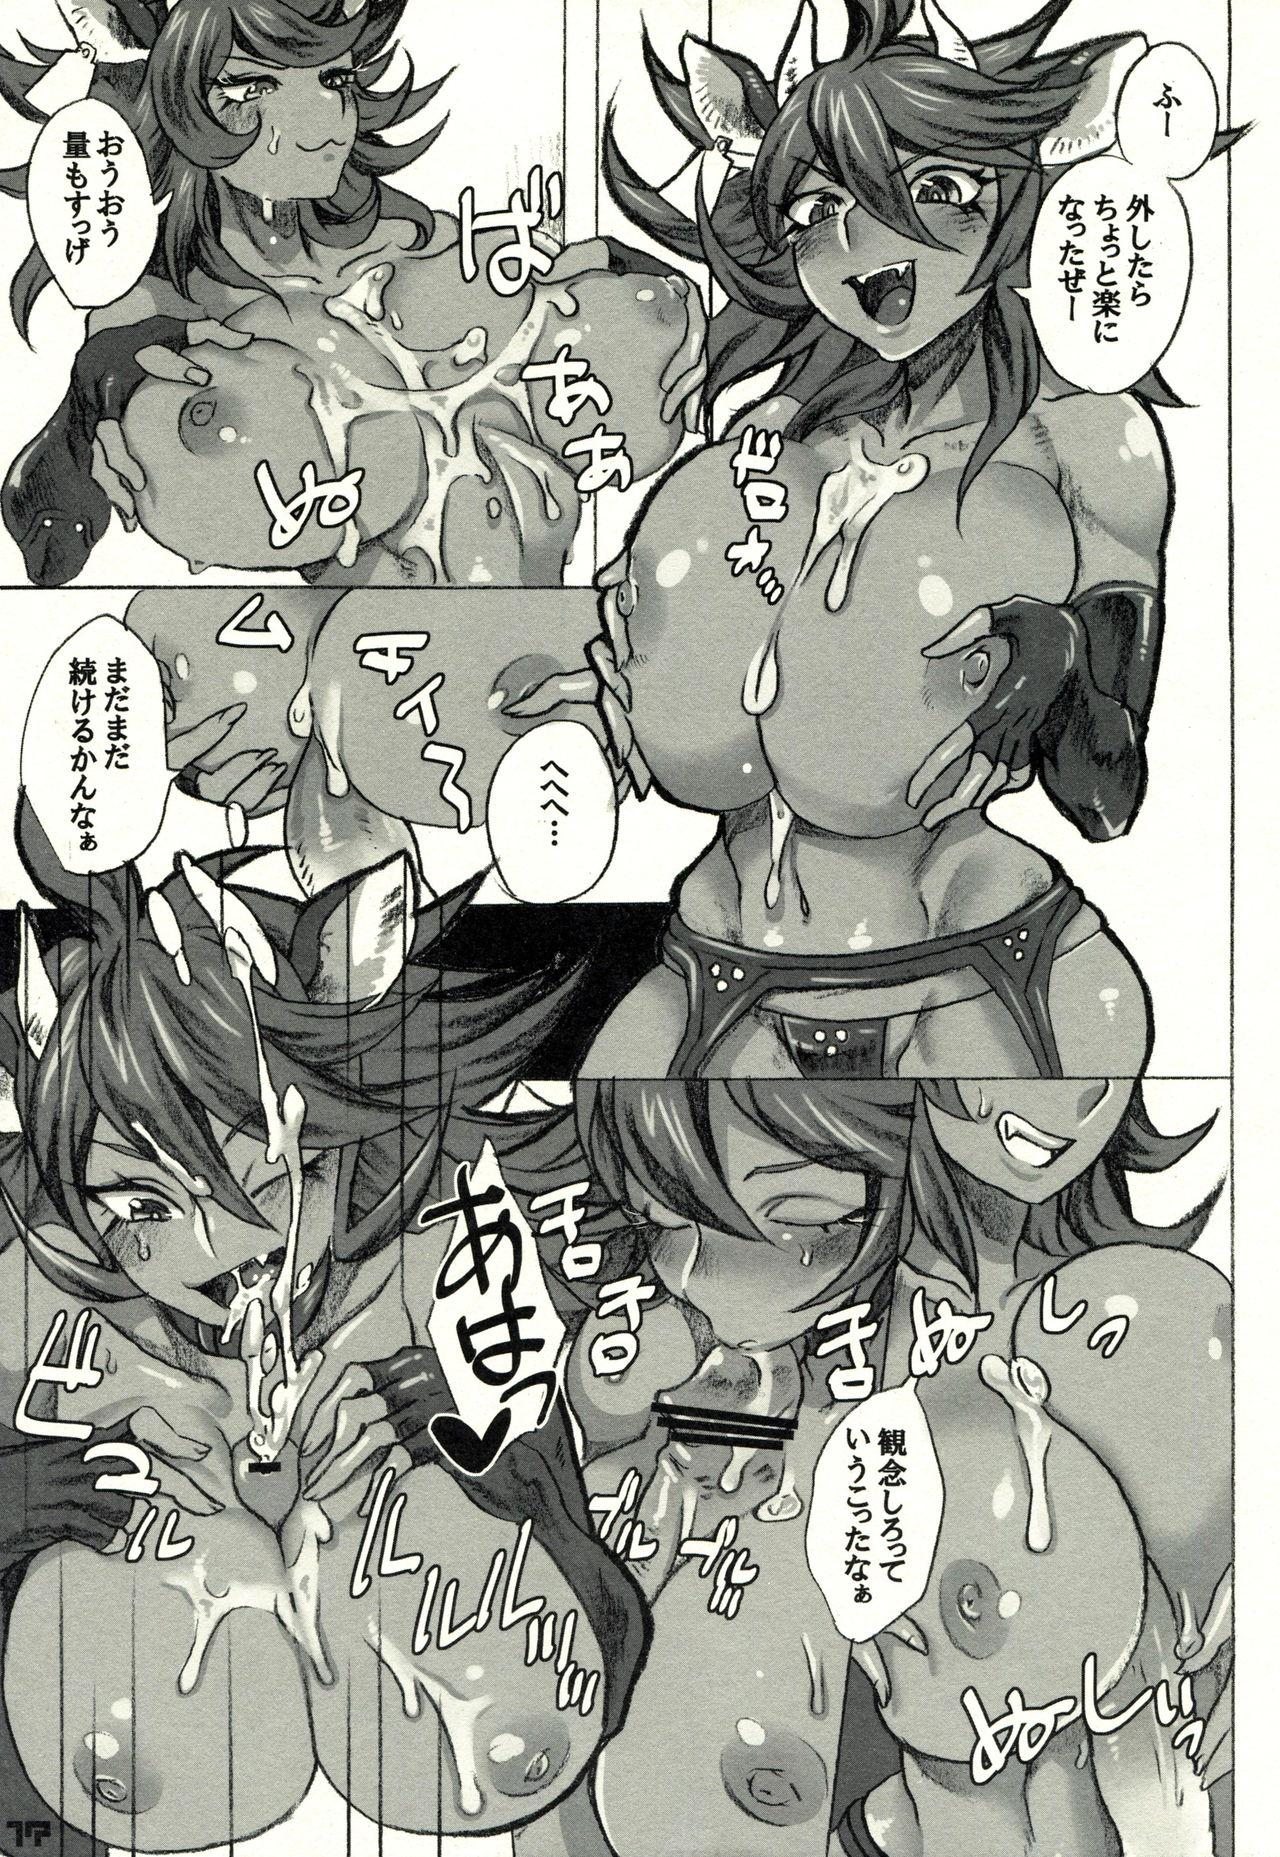 Nidai-kun ga Kuro ni Kimarimashita. Oshioki o Kaishi Shimasu. 15